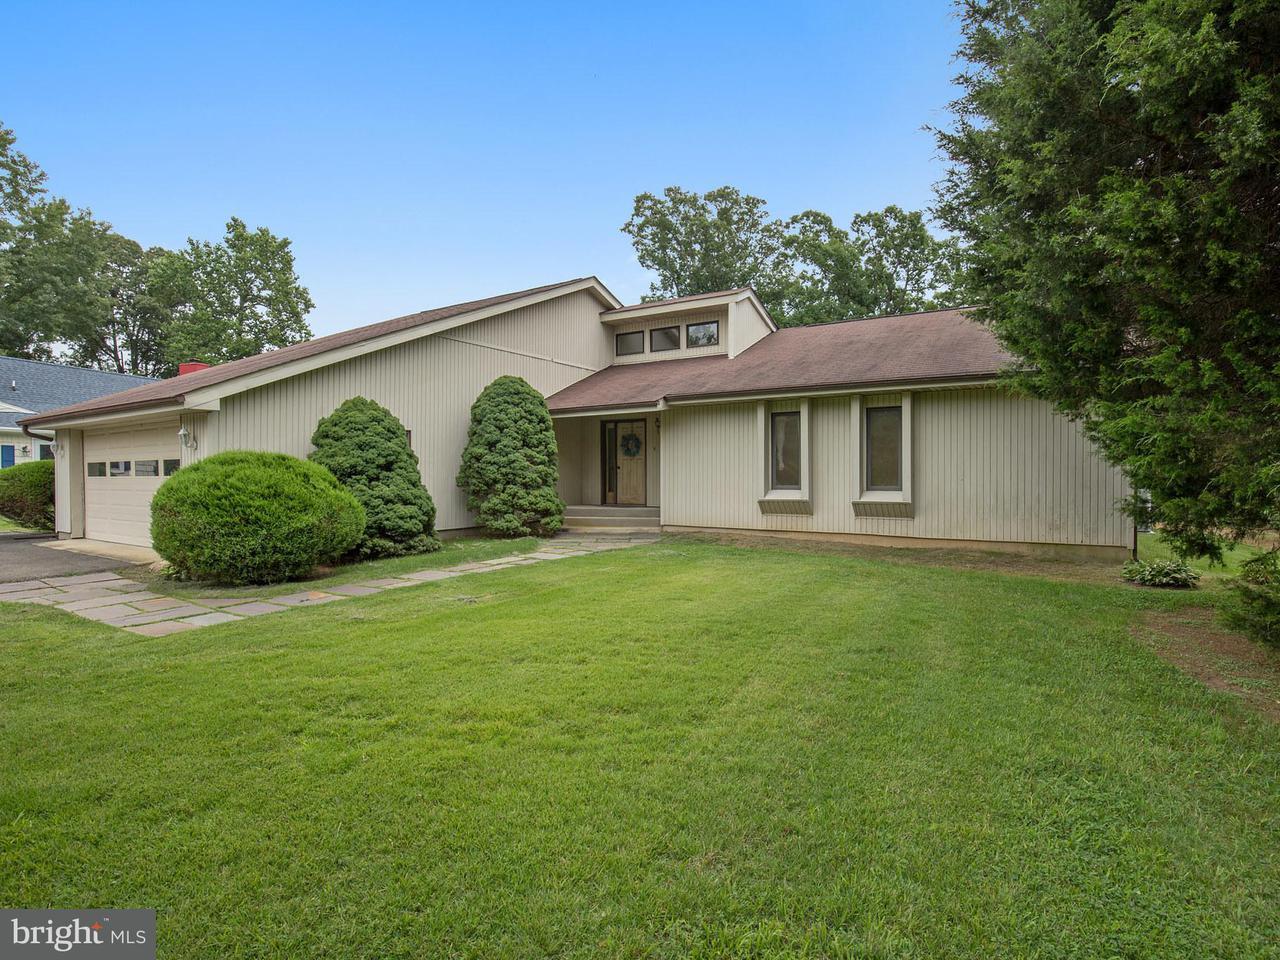 Maison unifamiliale pour l Vente à 12172 PRESTON Drive 12172 PRESTON Drive Lusby, Maryland 20657 États-Unis